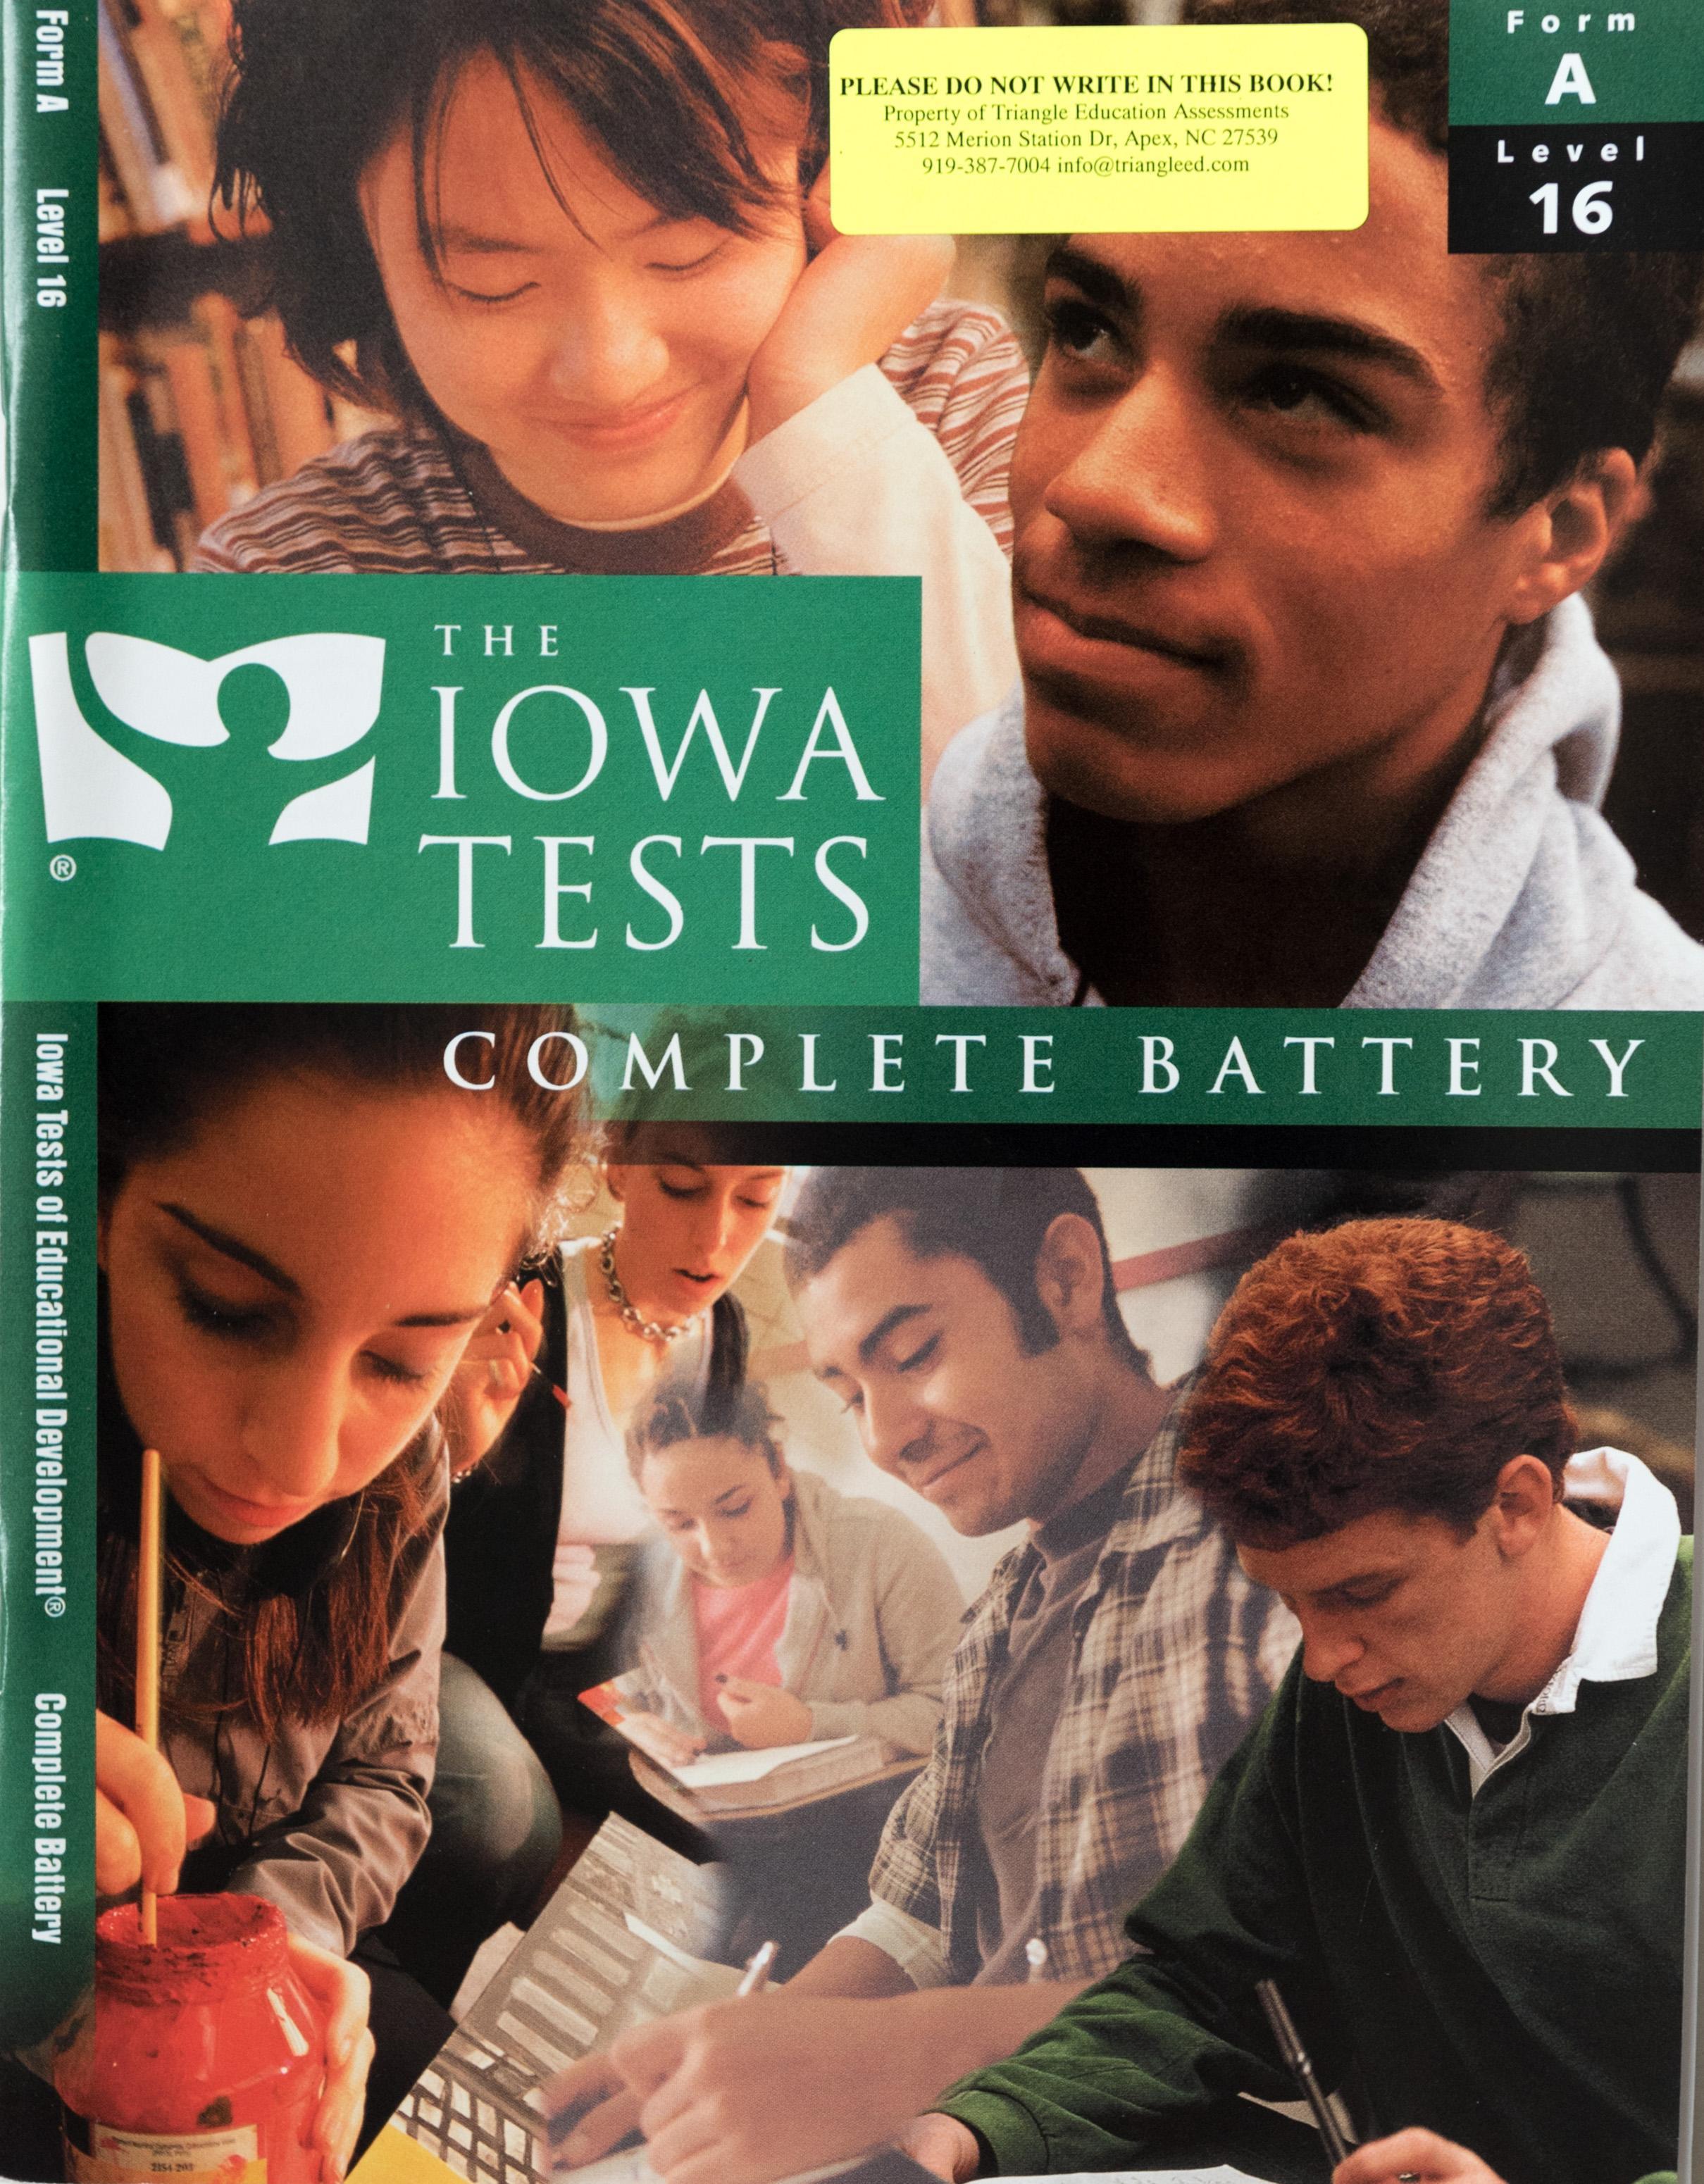 Iowa Test - Form A